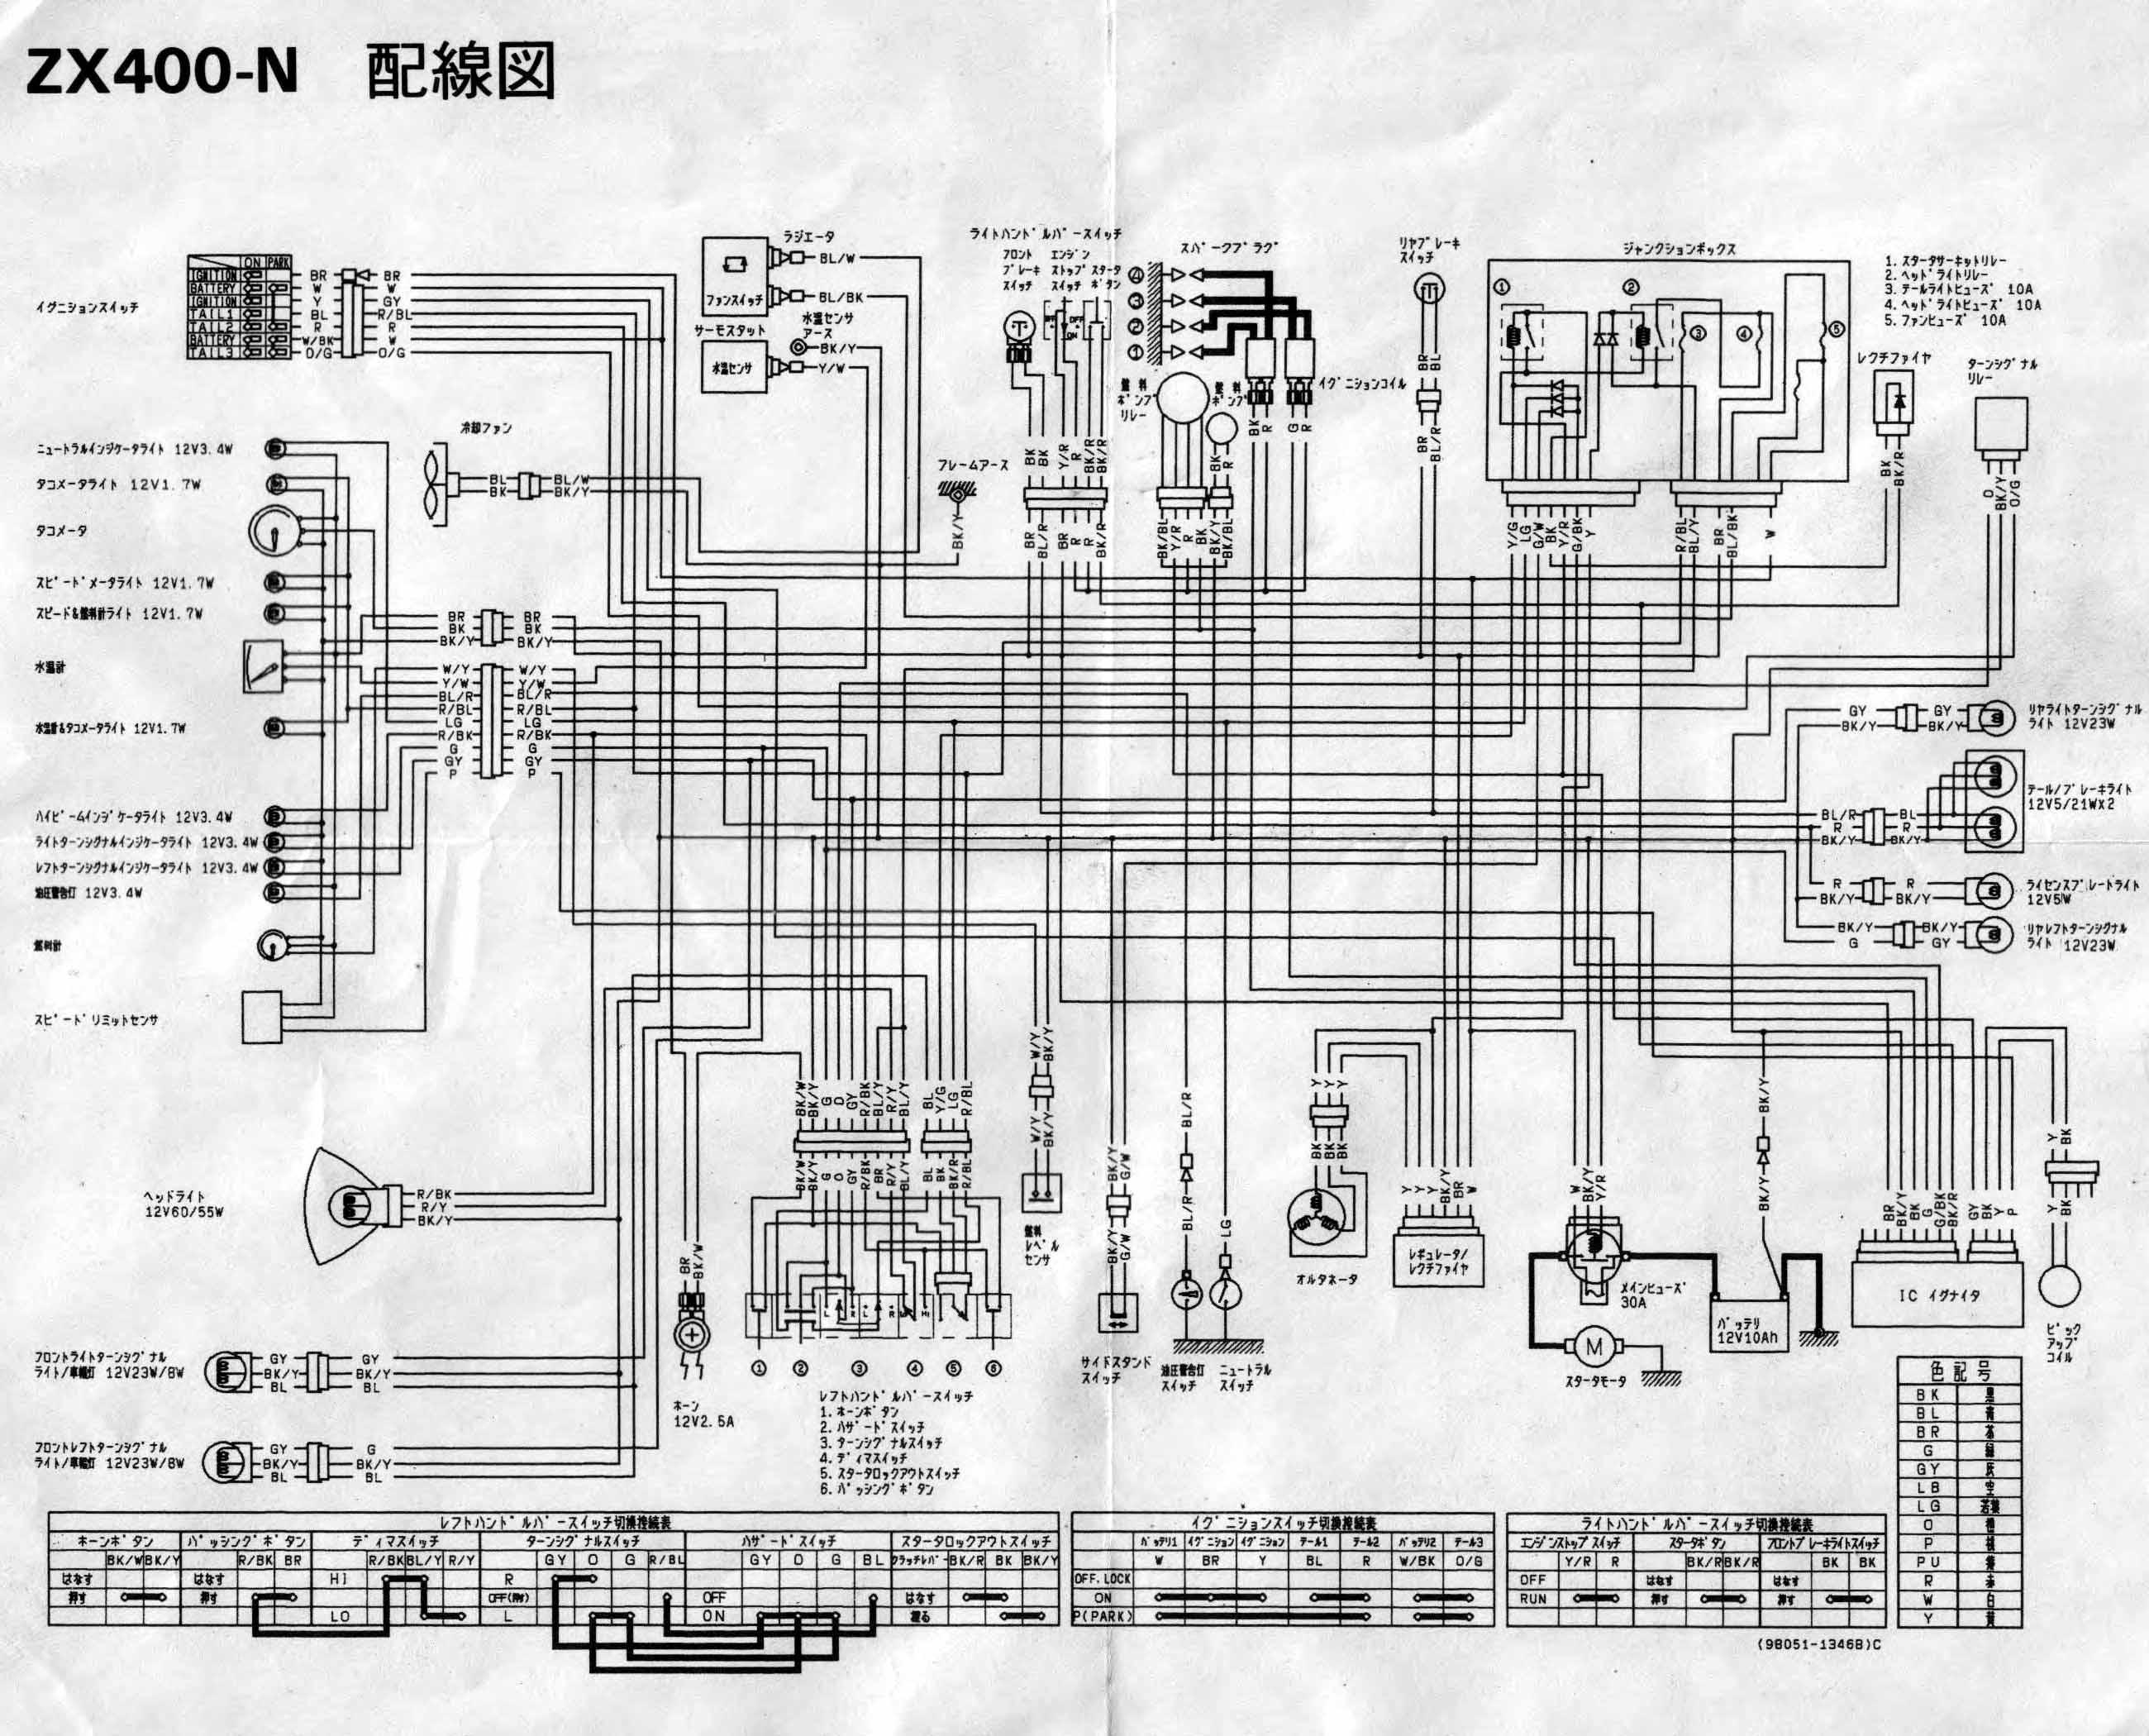 download moto schem kawasaki zx400n zzr400 moto schem kawasaki zx400n zzr400 [ 2600 x 2100 Pixel ]